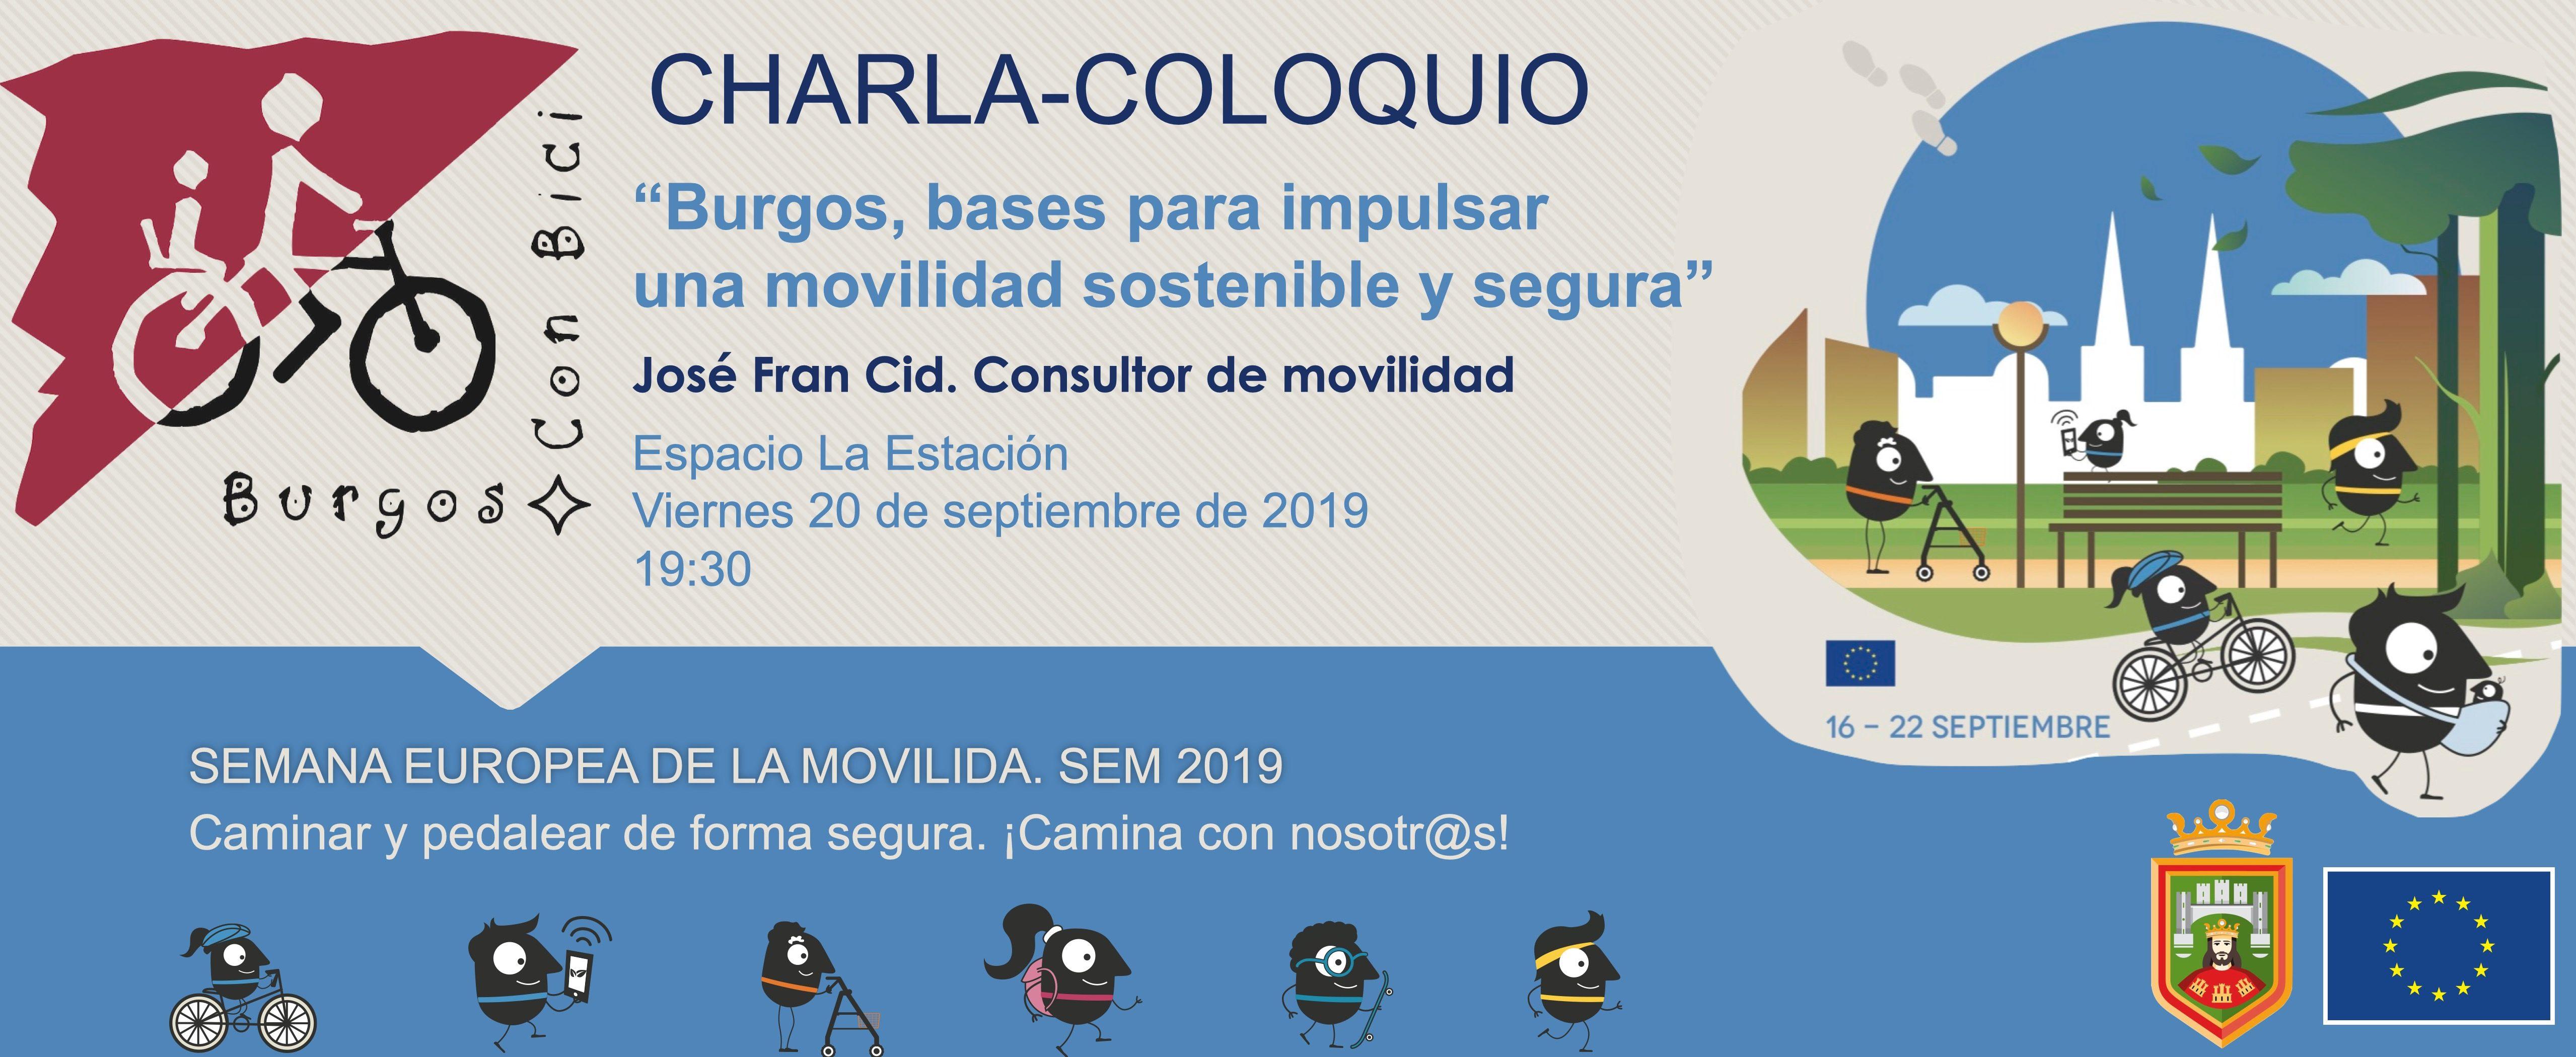 Viernes 20 de septiembre de 2019 a las 19:30 en el Espacio La Estación de Burgos